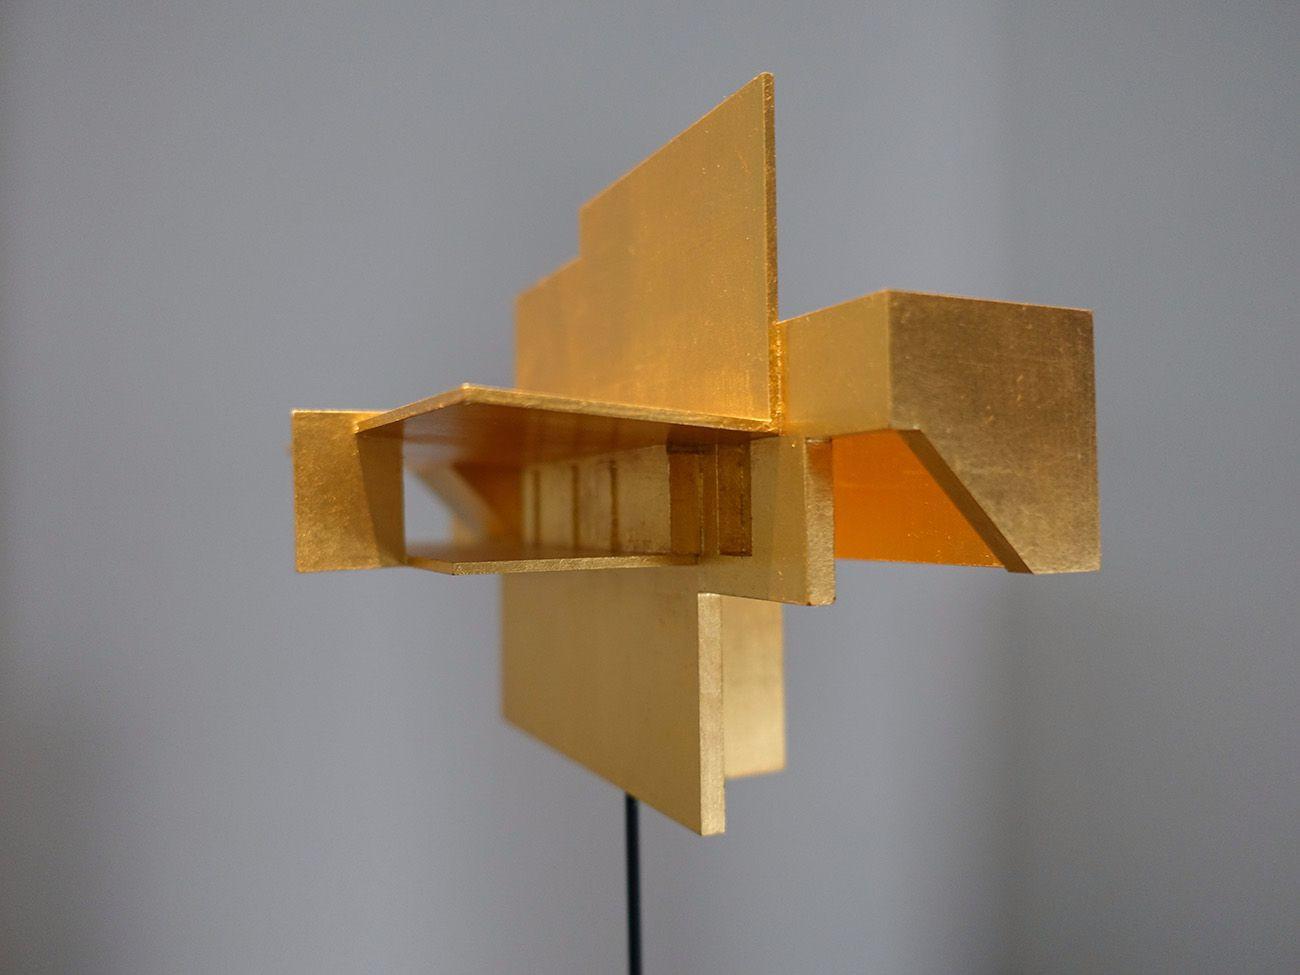 Biennale de Venise : Olivier Leclercq présente Actes et Cités